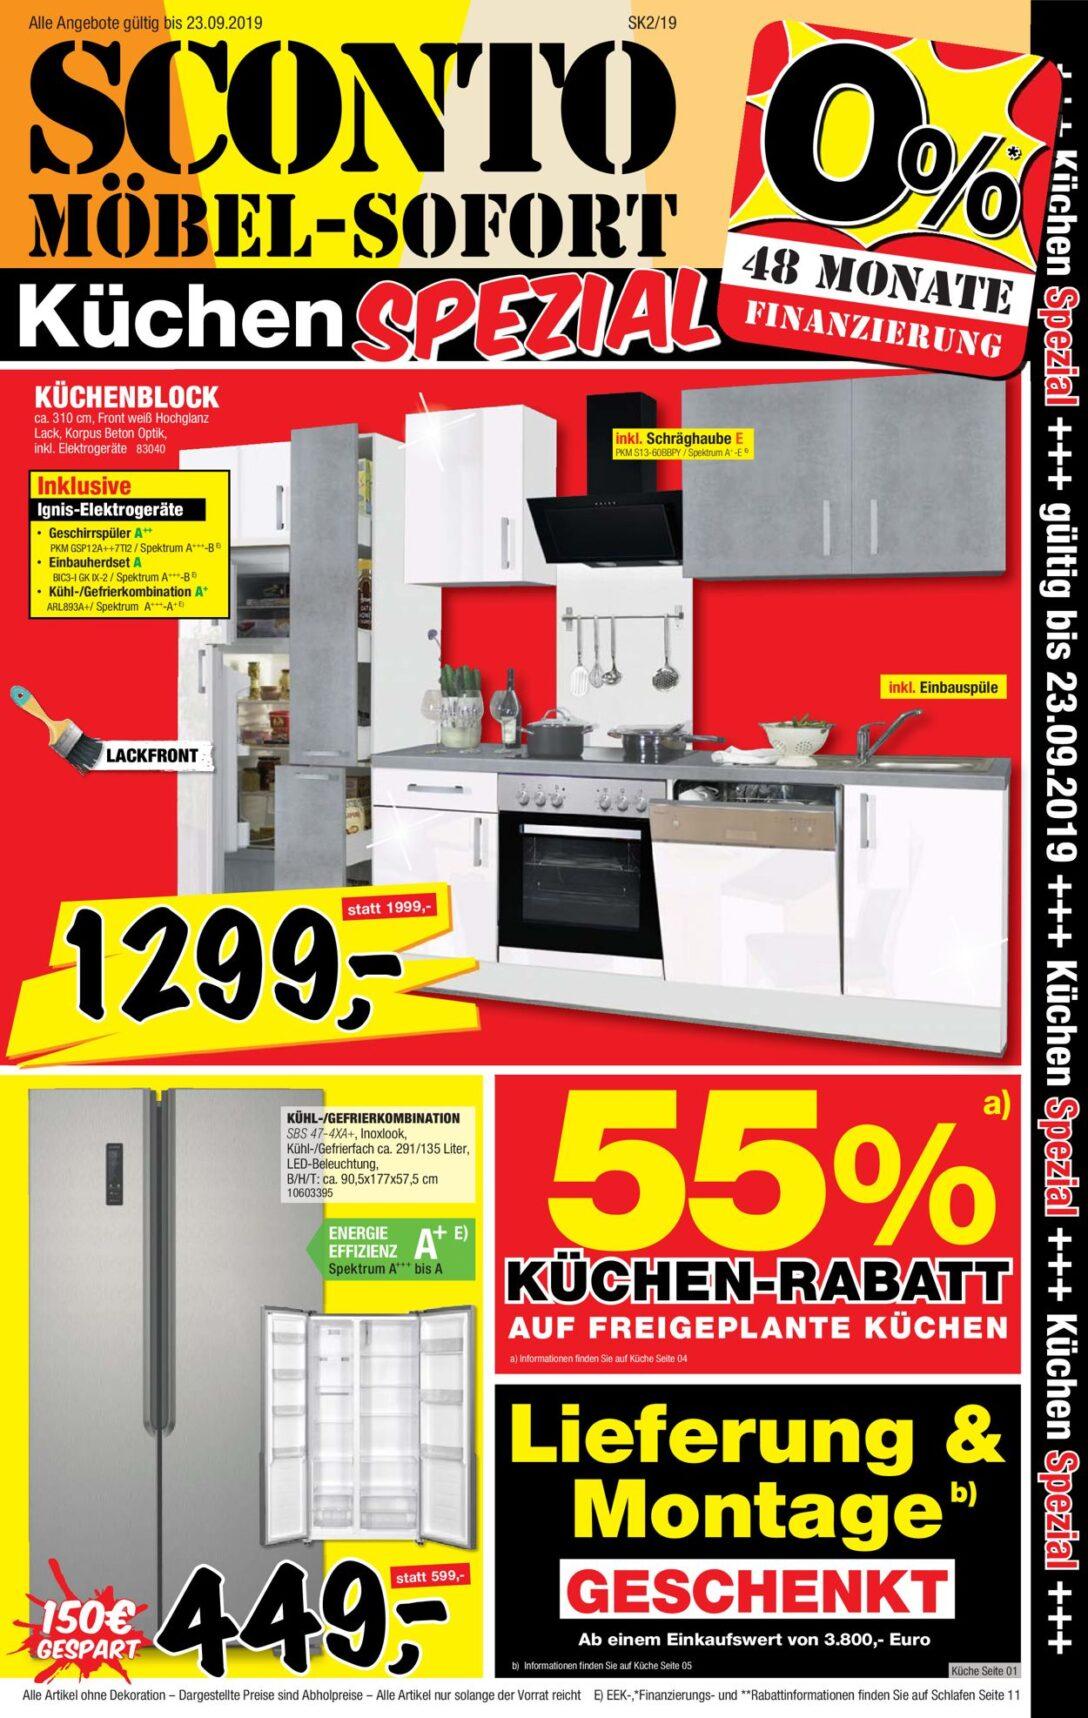 Large Size of Sconto Küchen Aktueller Prospekt 0309 23092019 20 Jedewoche Regal Wohnzimmer Sconto Küchen